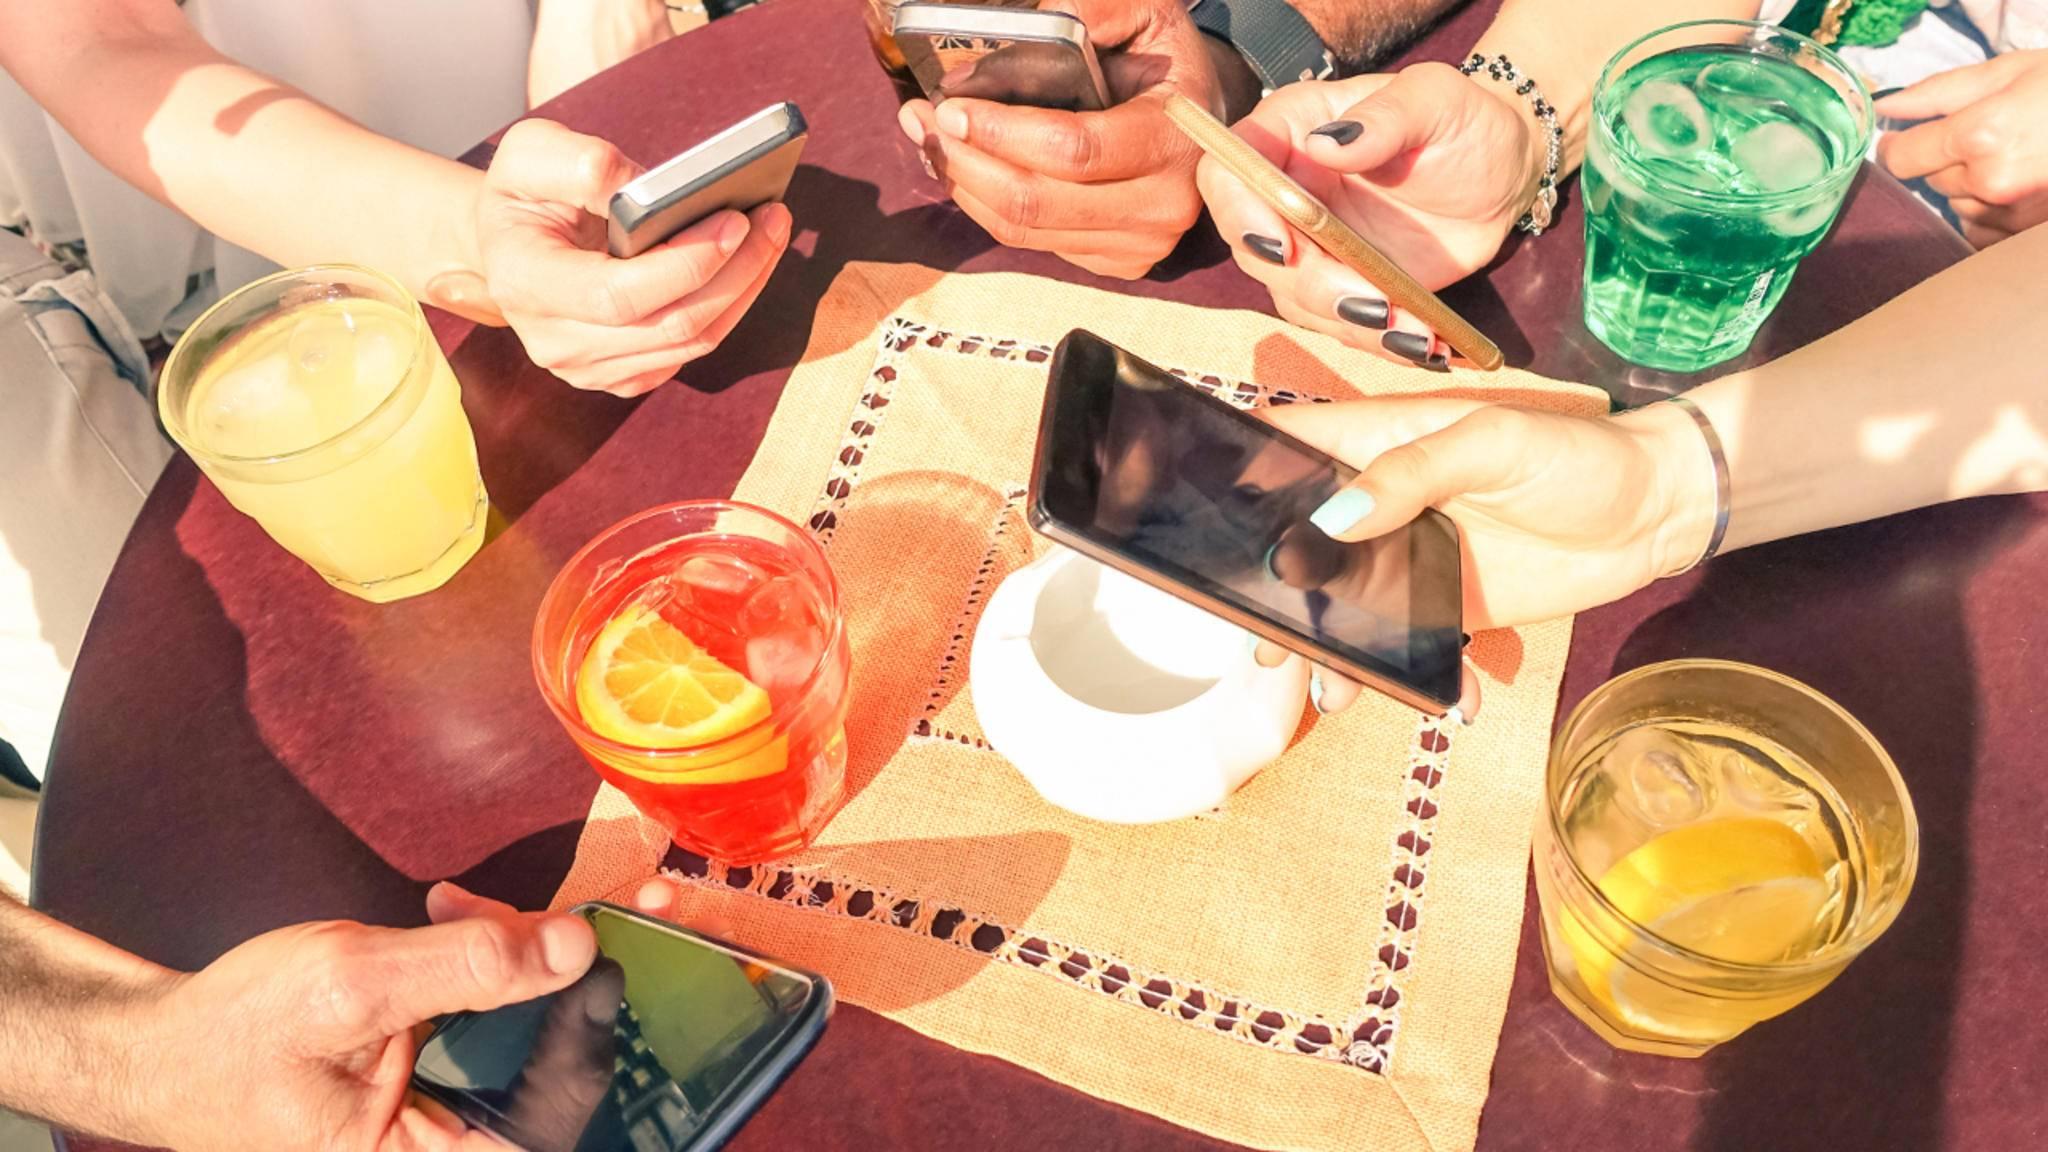 WhatsApp-Gruppennamen: 65 lustige und coole Ideen